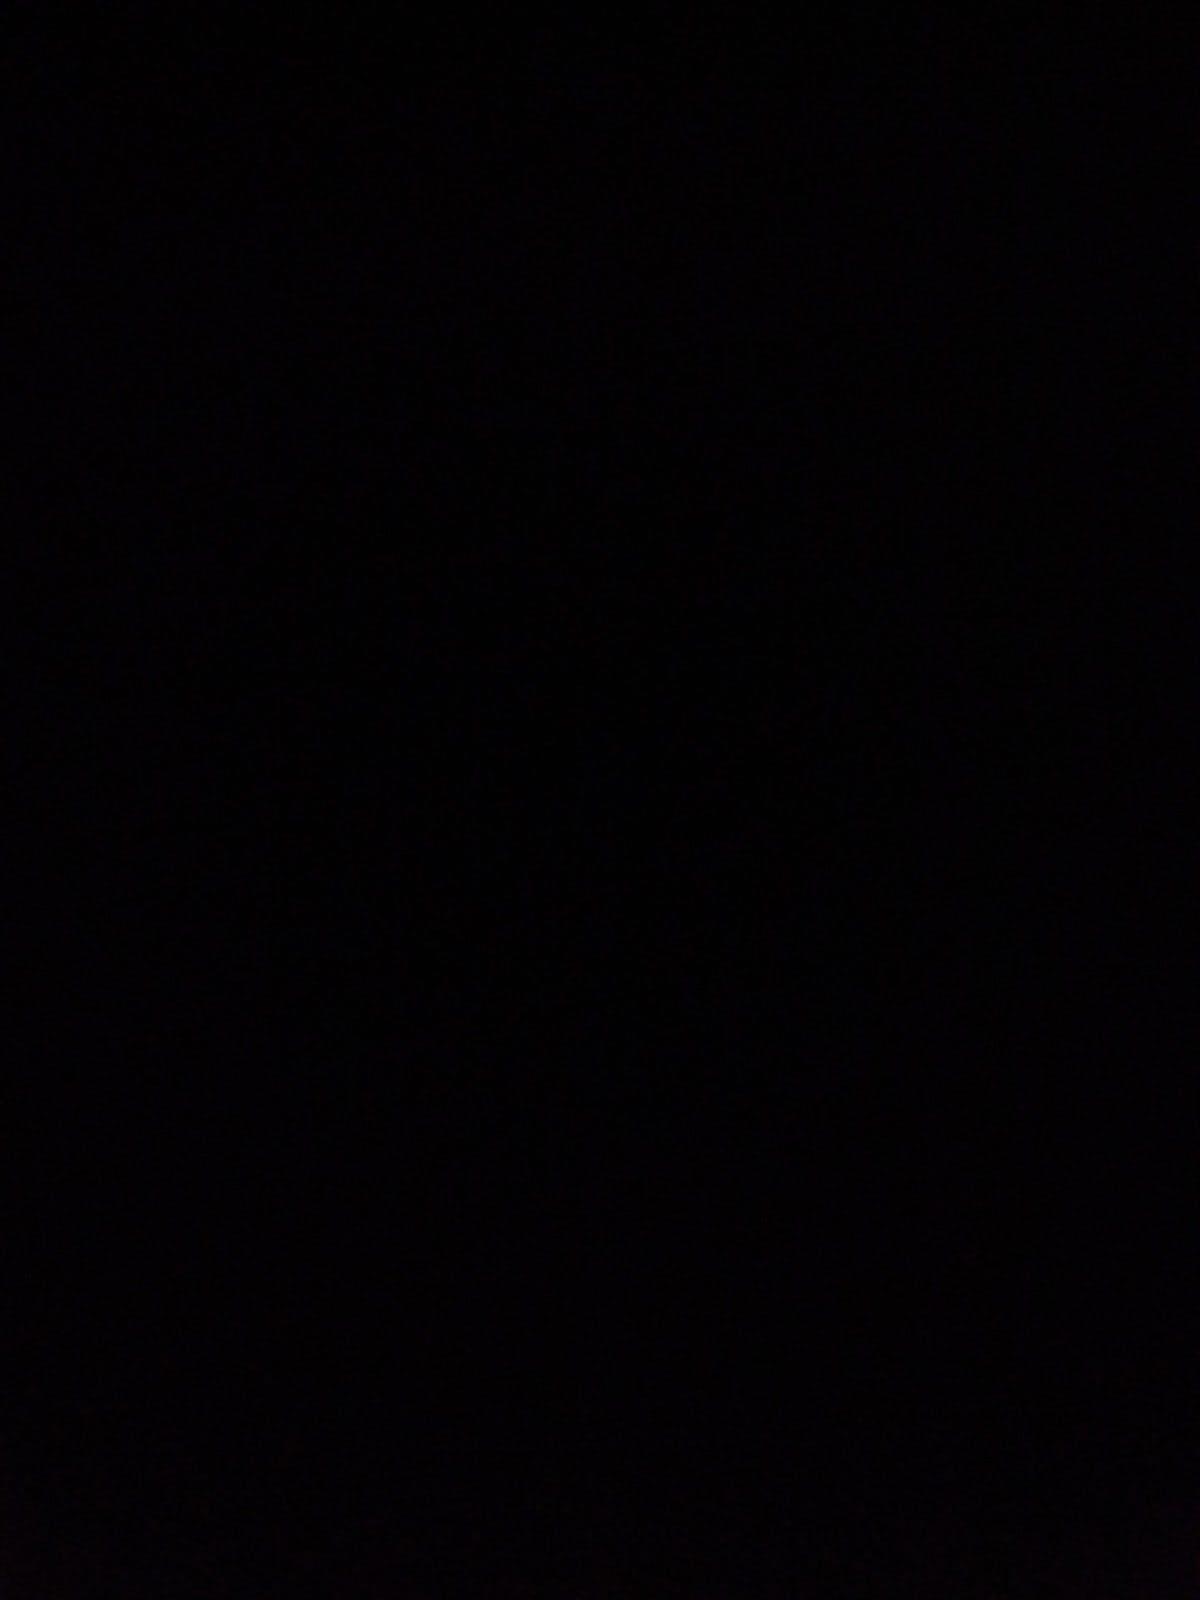 Apex Black